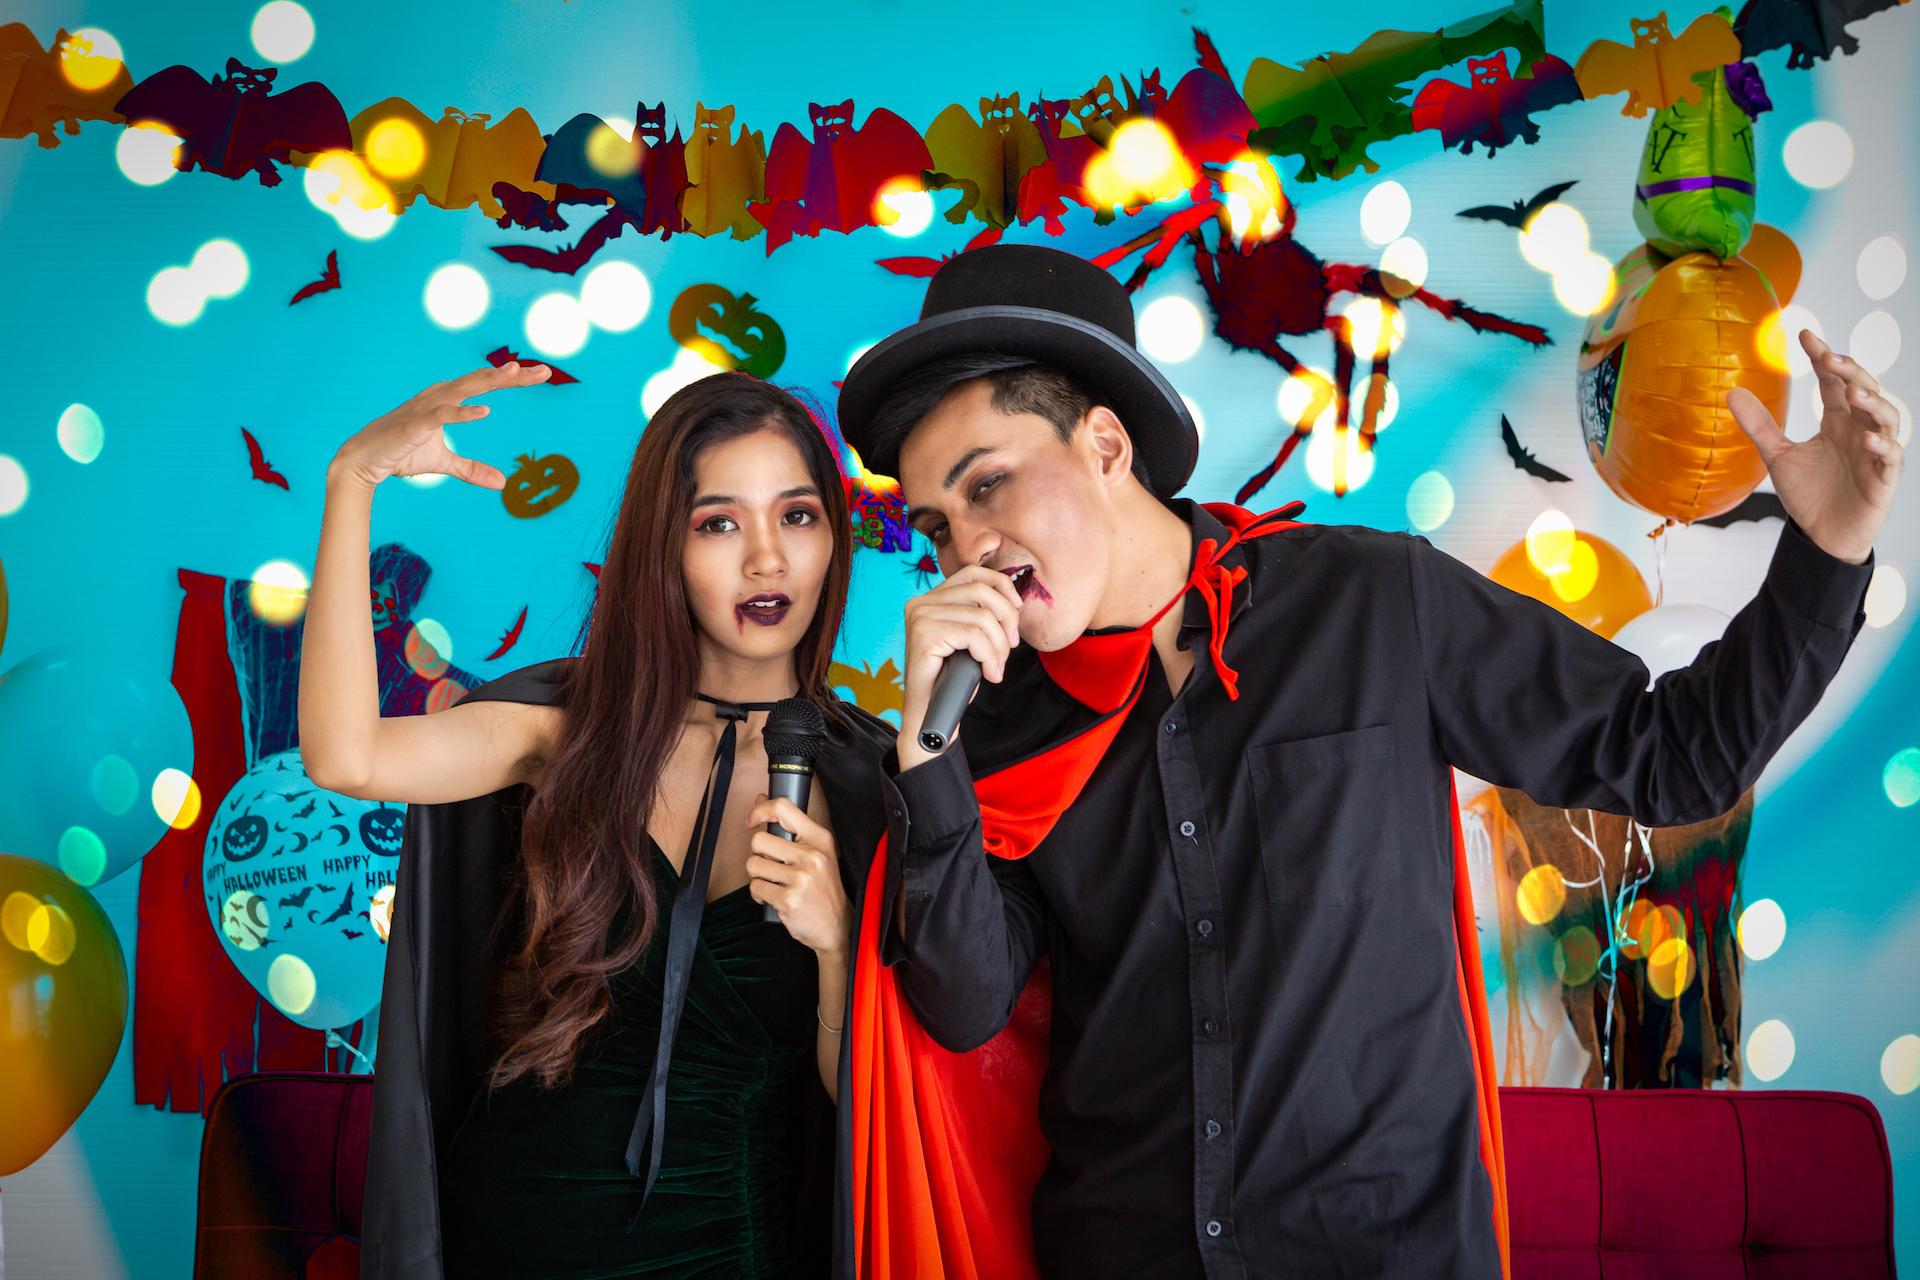 Two people dressed up in costumes singing karaoke